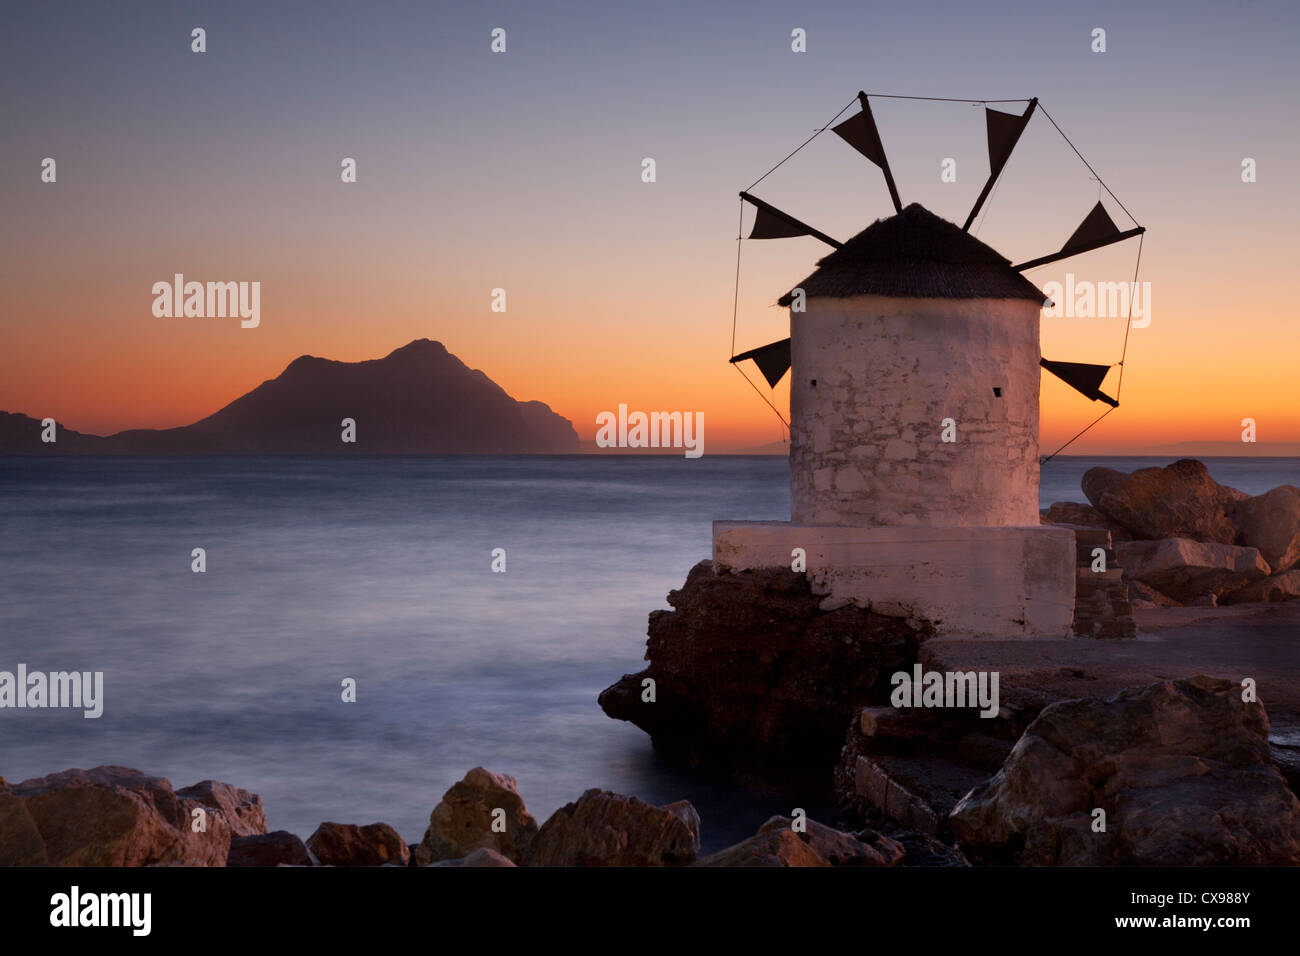 Windmühle am Hafen von Aigiali Amorgos Insel in Griechenland Stockbild